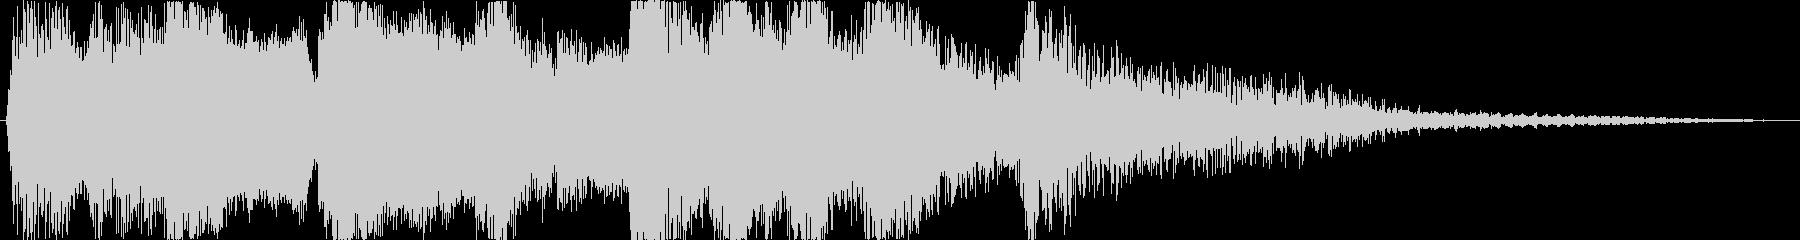 アニメのCM前後などに かわいいオケの未再生の波形